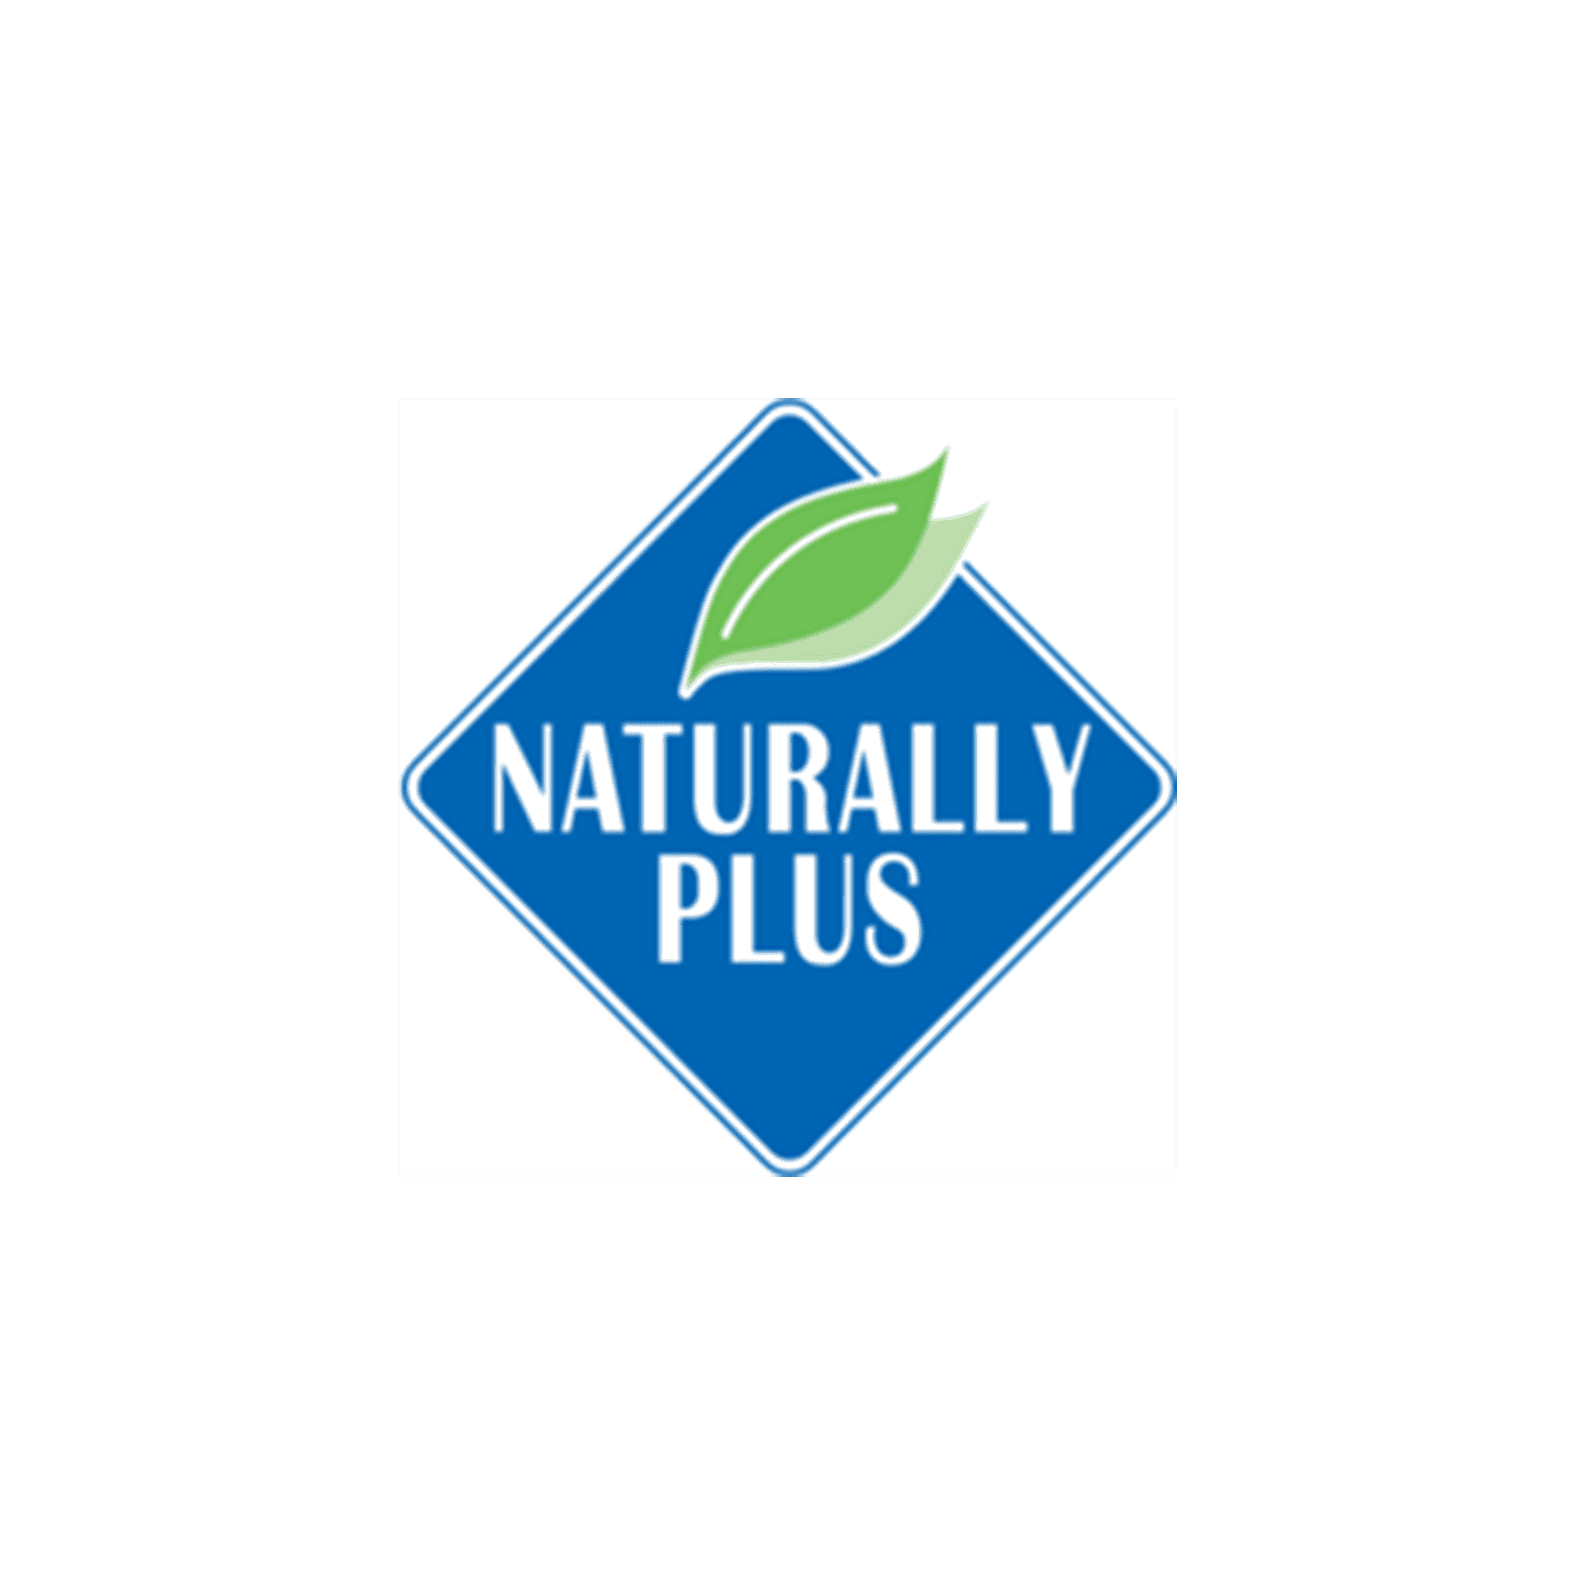 naturally plus logo